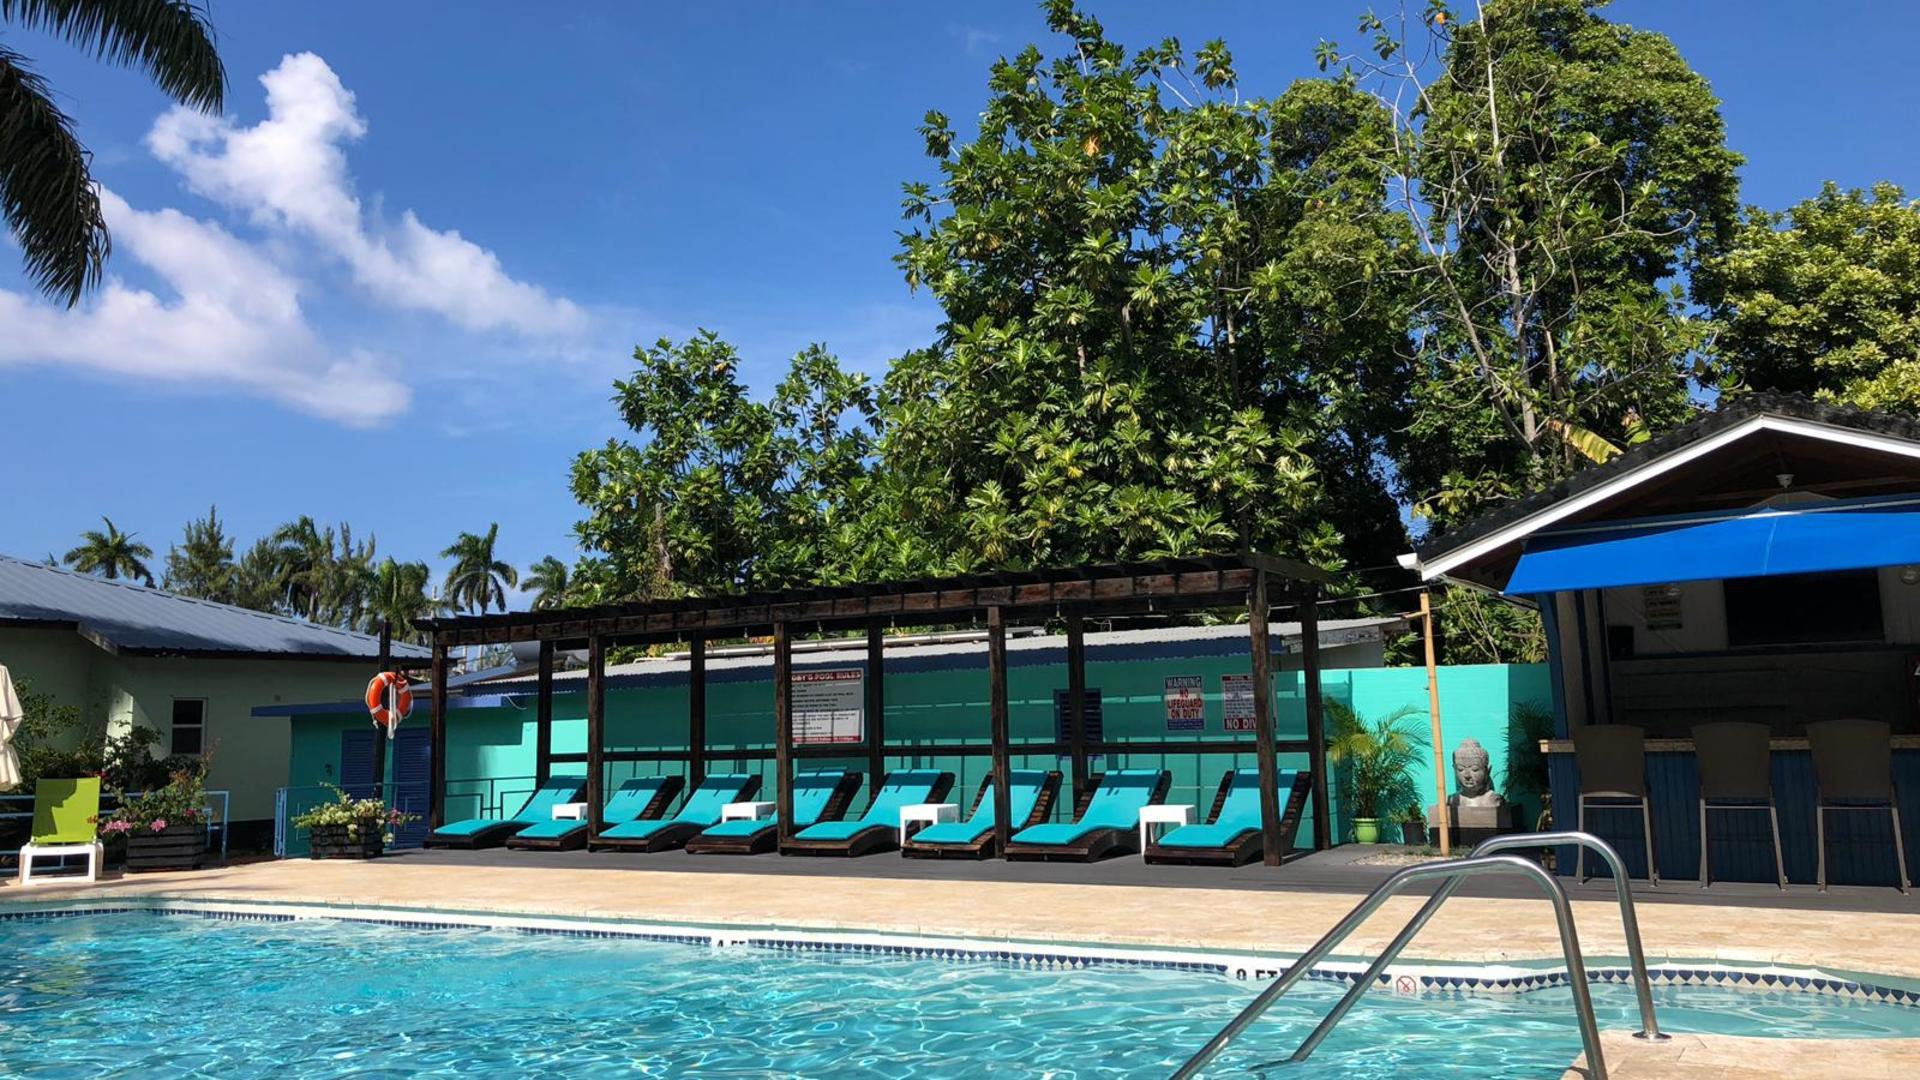 Toby's Inn Resort